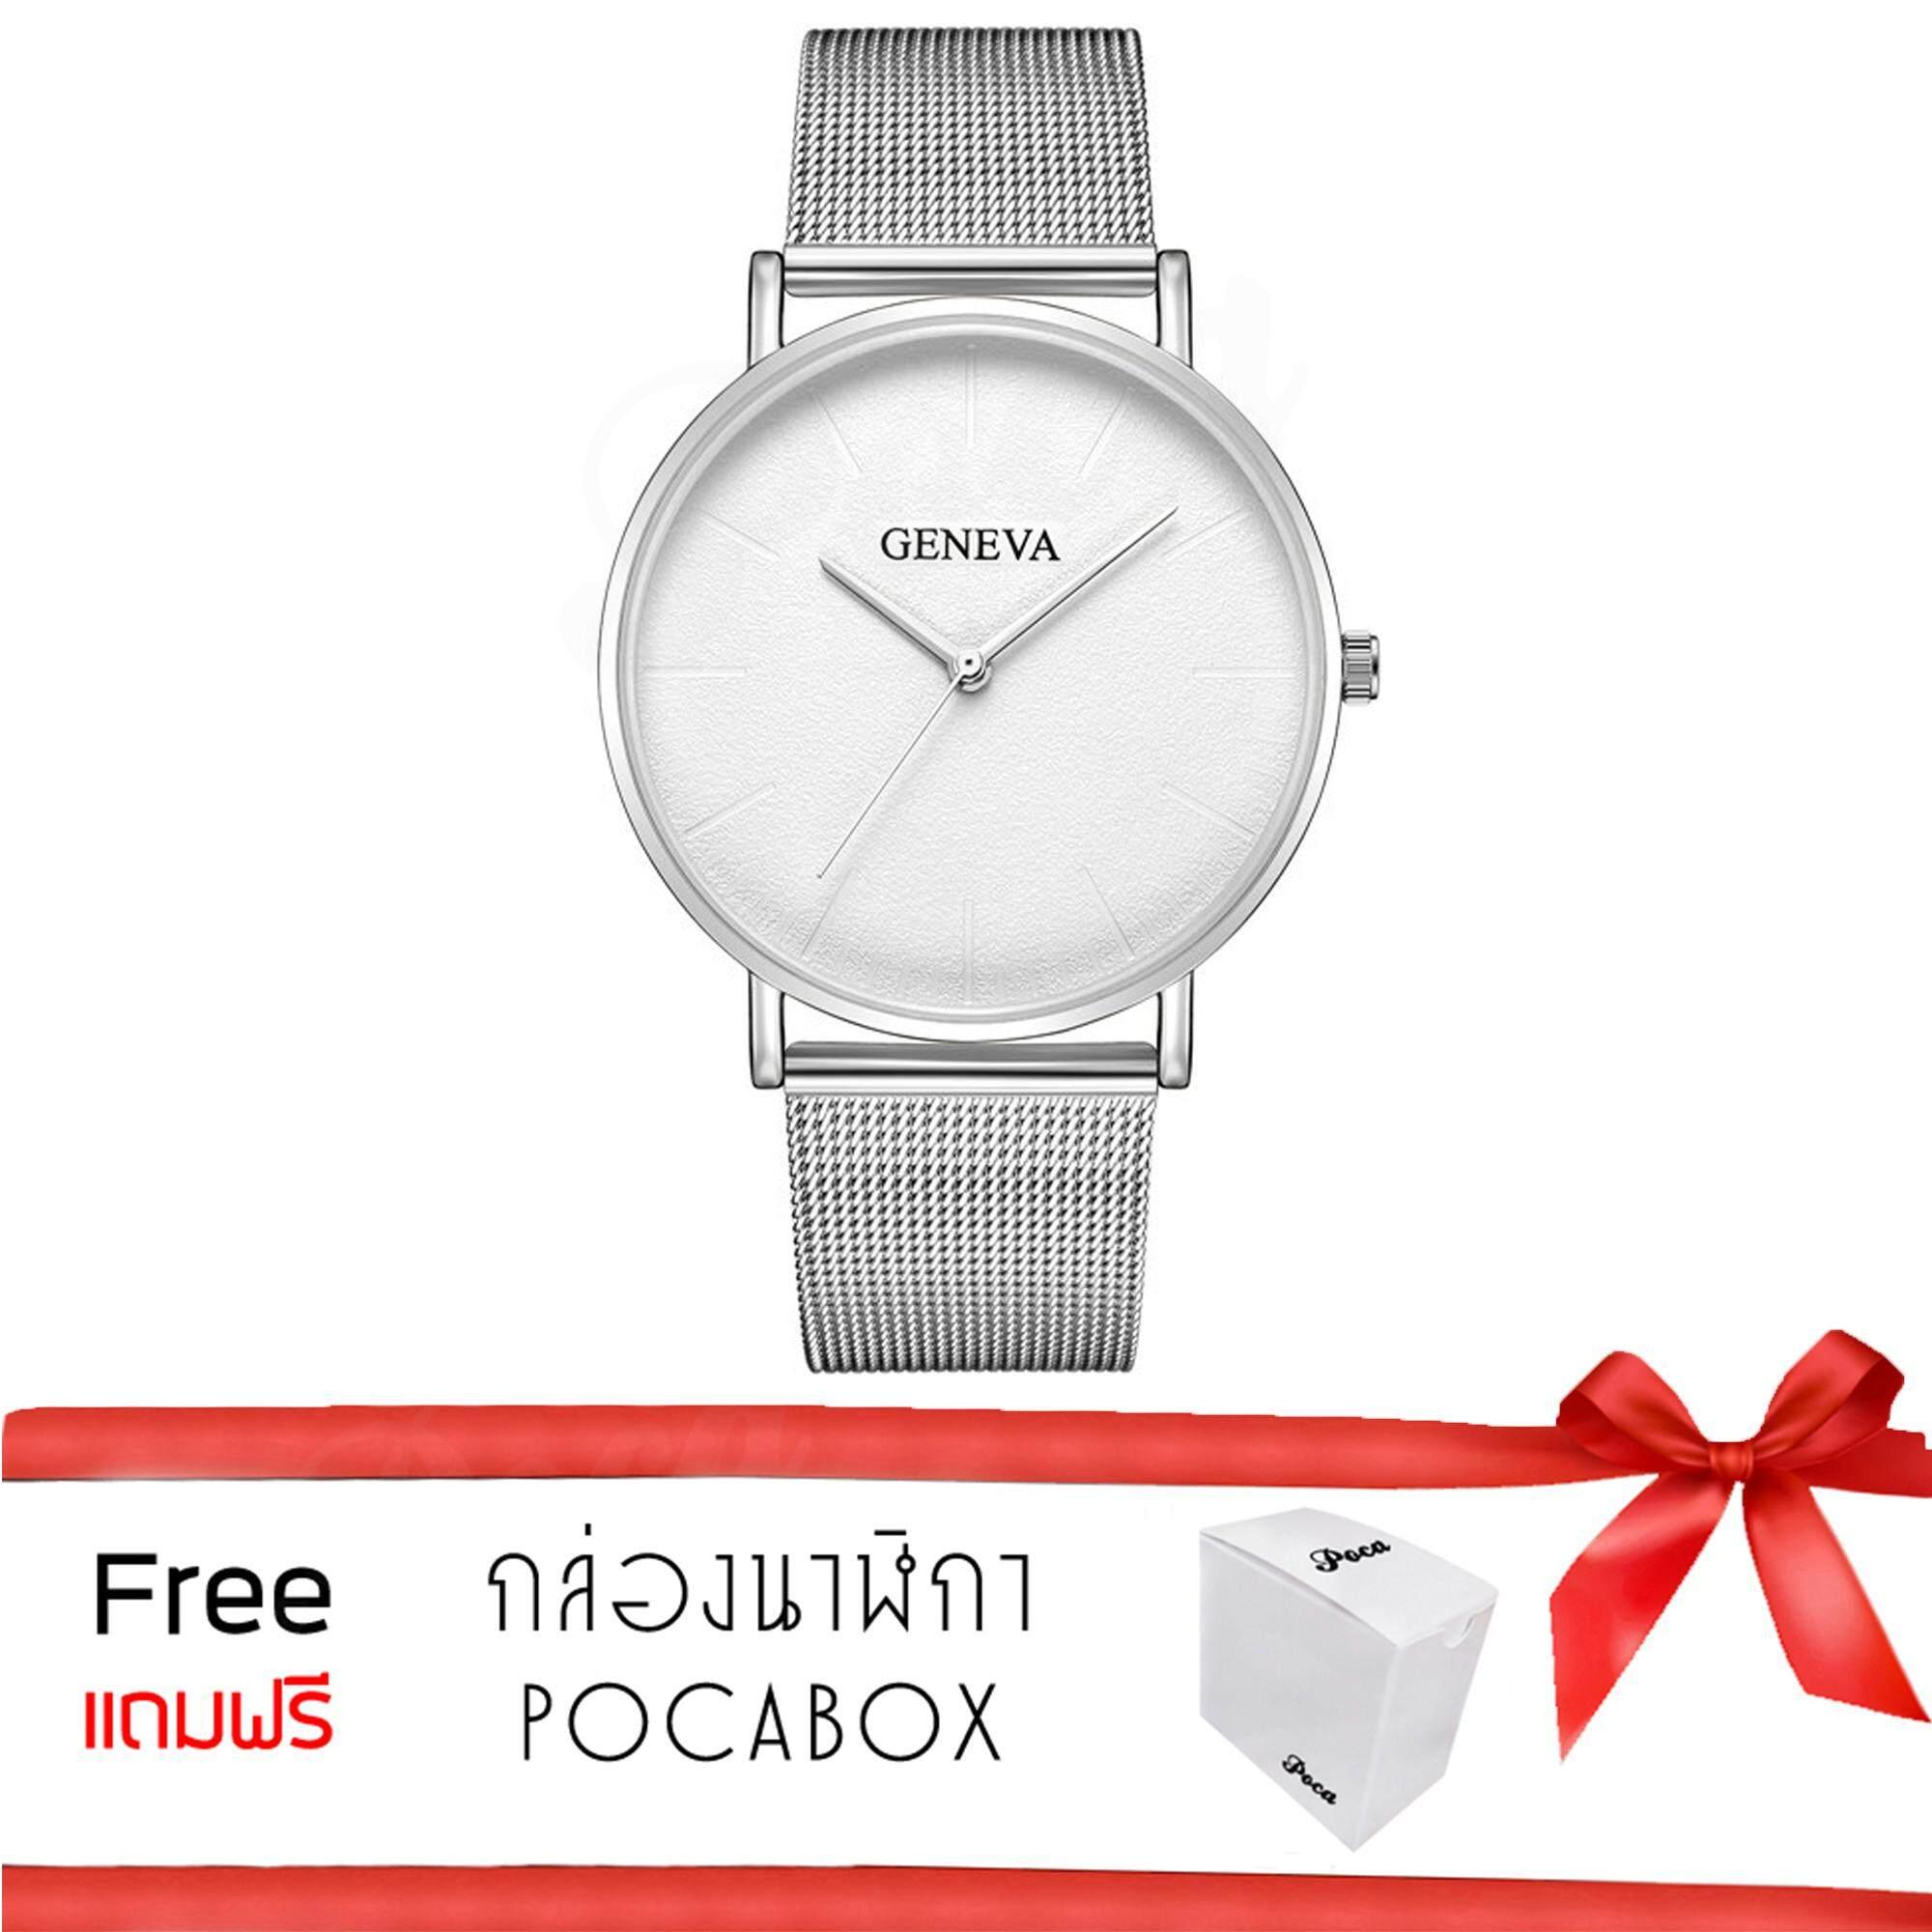 Geneva นาฬิกาข้อมือ Analog ใช้เข็ม ผู้หญิง แฟชั่น เกาหลี สวยๆ สุดฮิต ลด ราคา สายสแตนเลสเมทัลลิก หน้าปัดกลม.